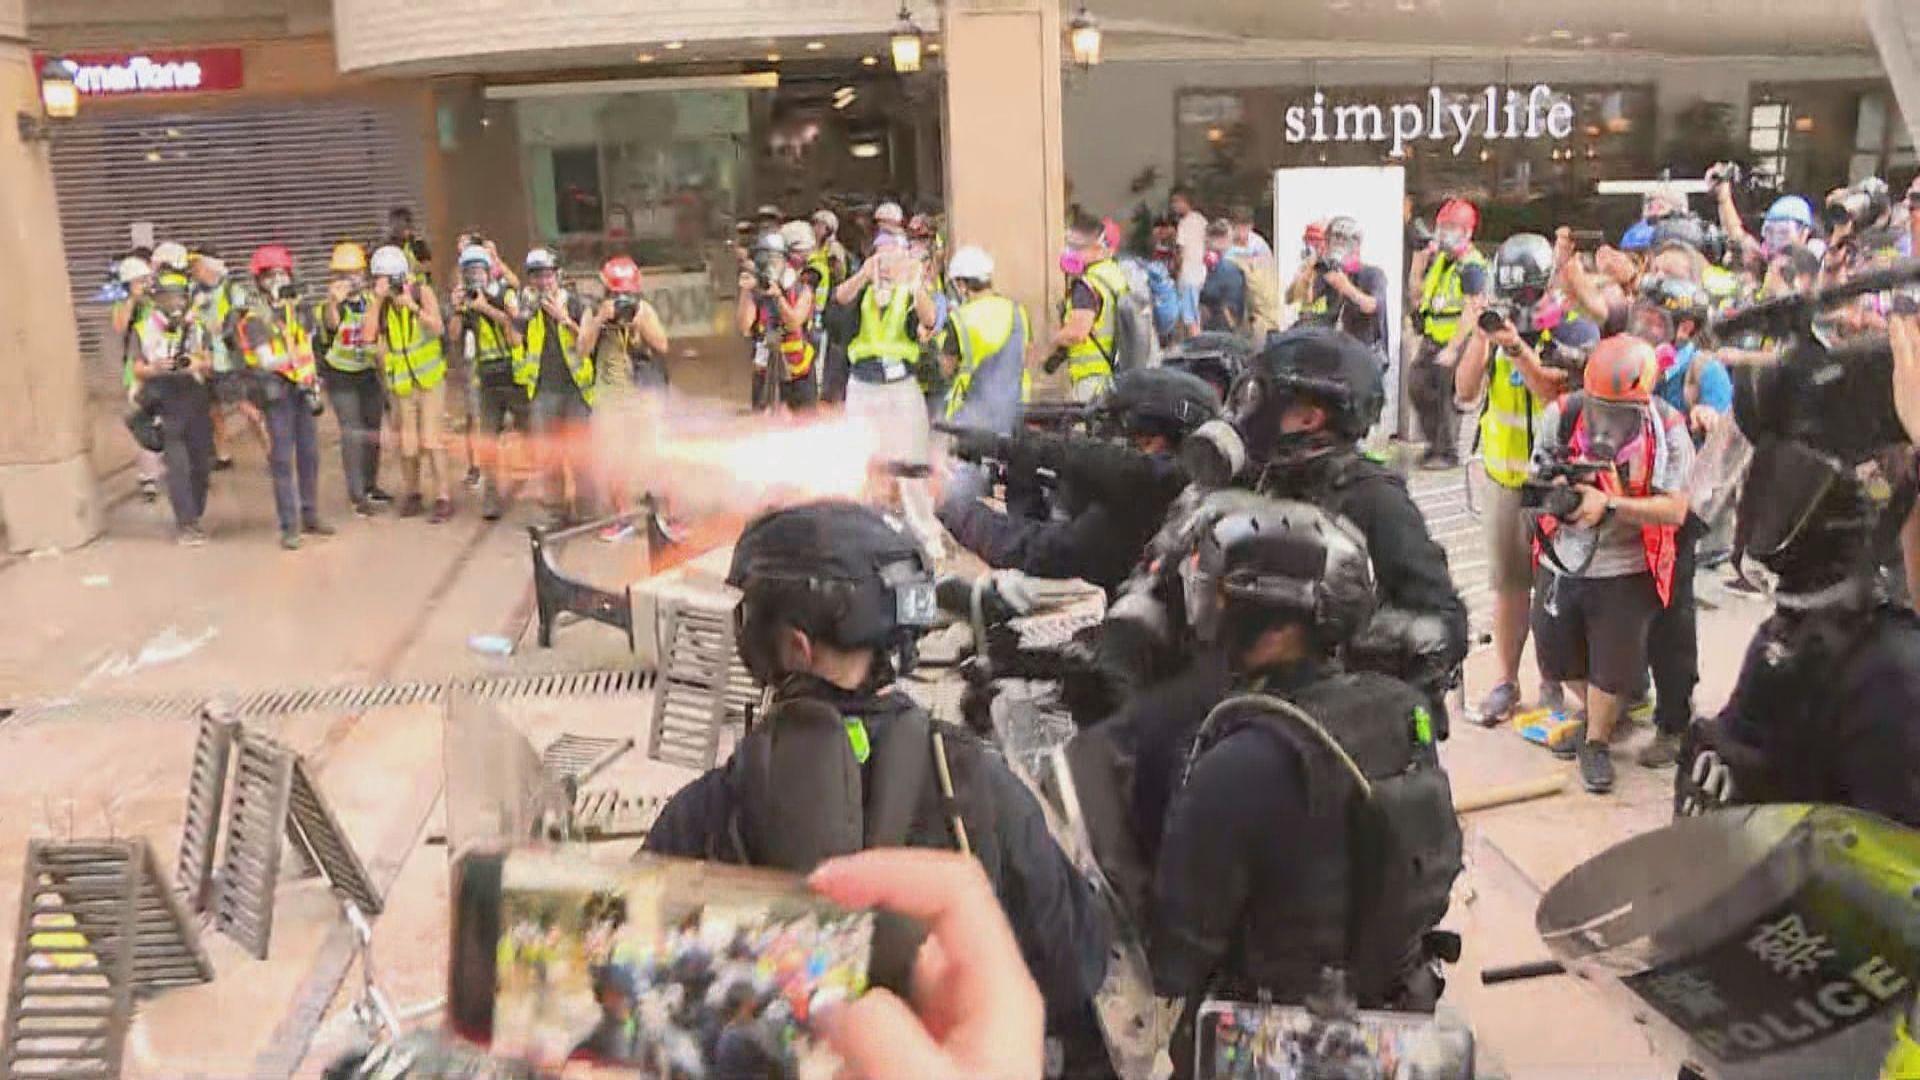 德福花園平台警民對峙 警放催淚彈